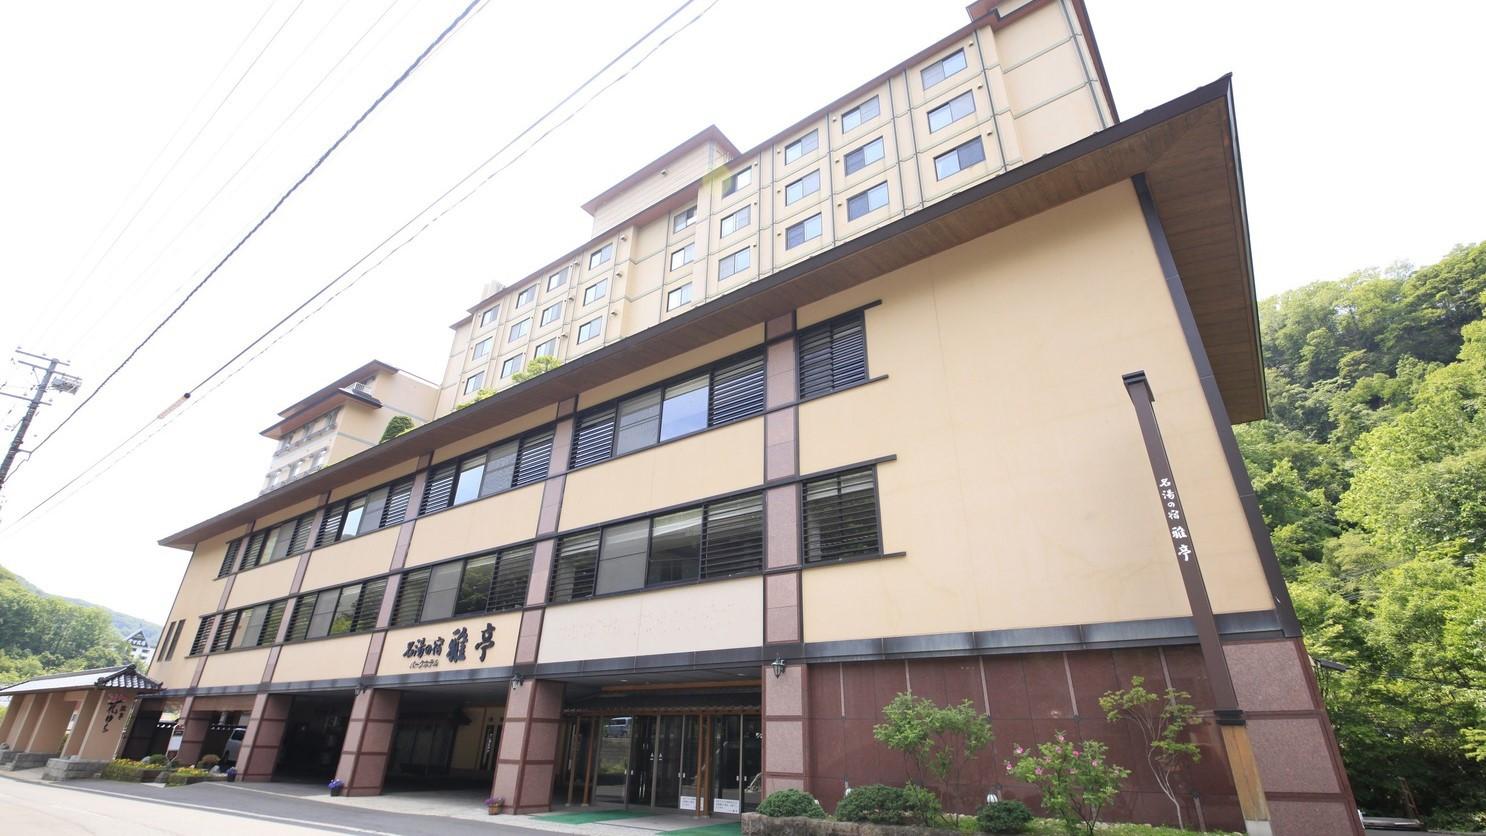 パーク ホテル 雅亭◆楽天トラベル